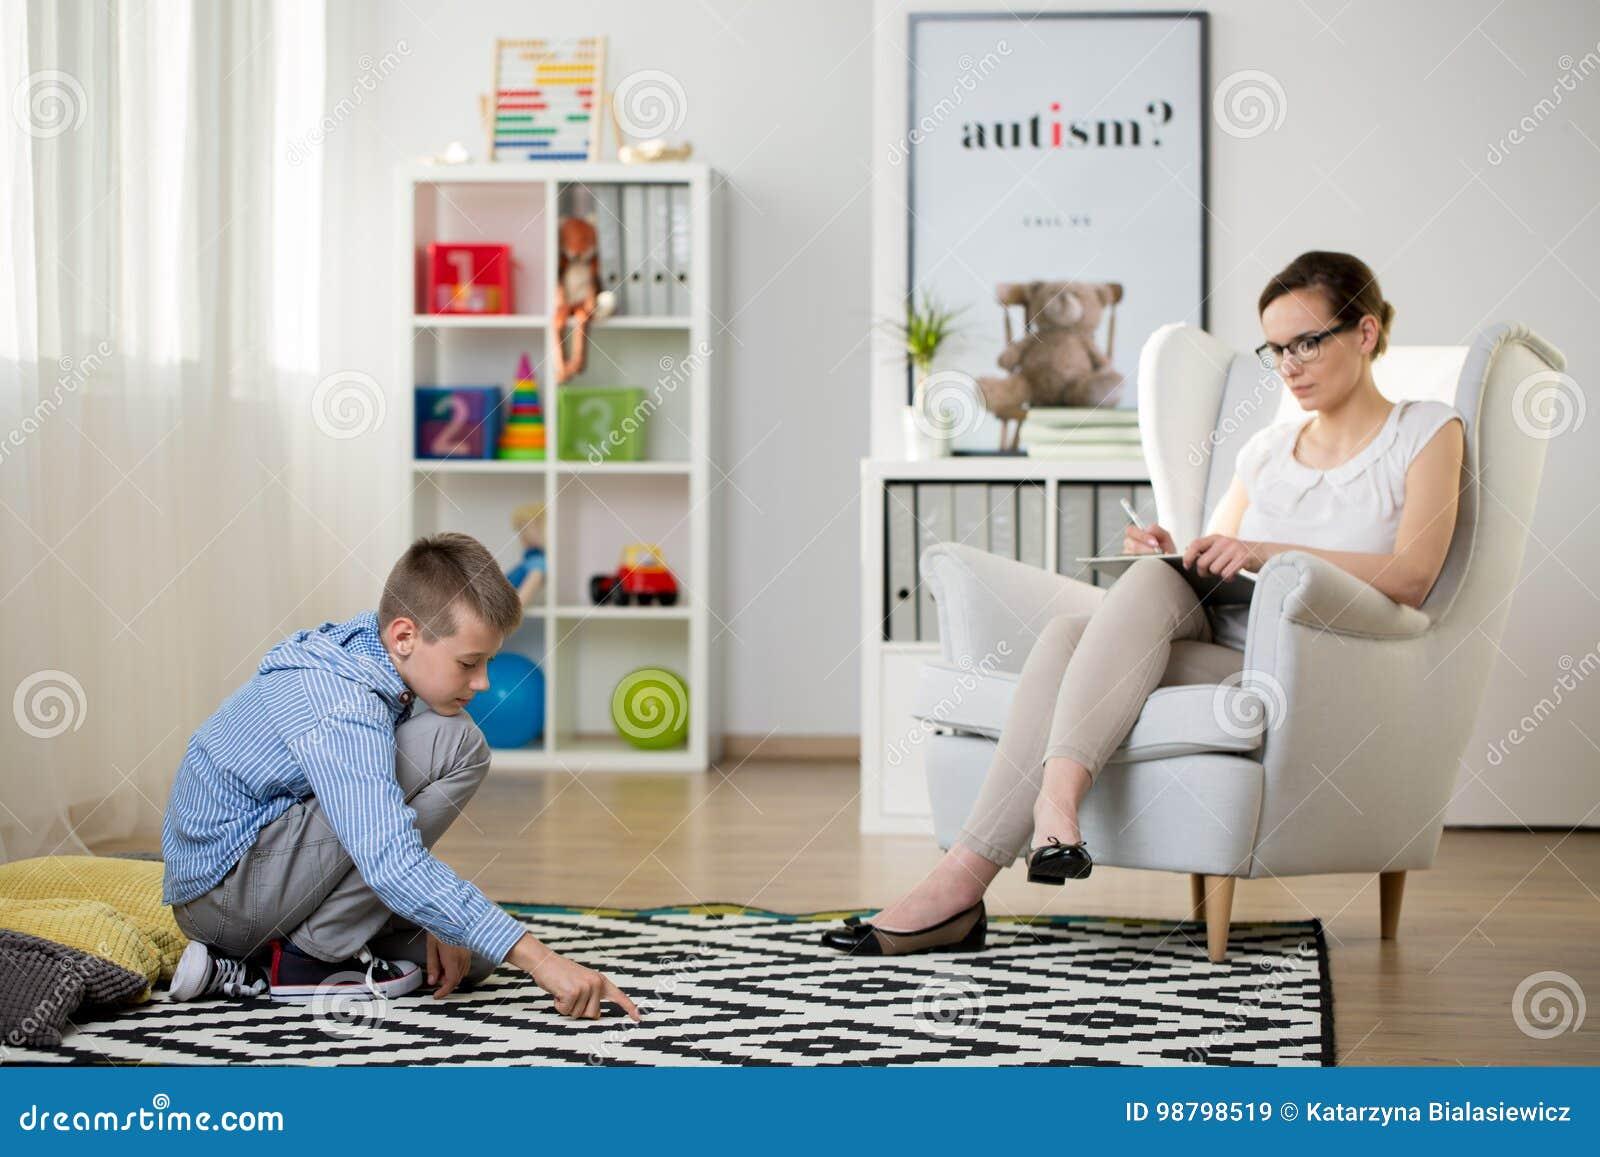 Ребенок сидит на ковре